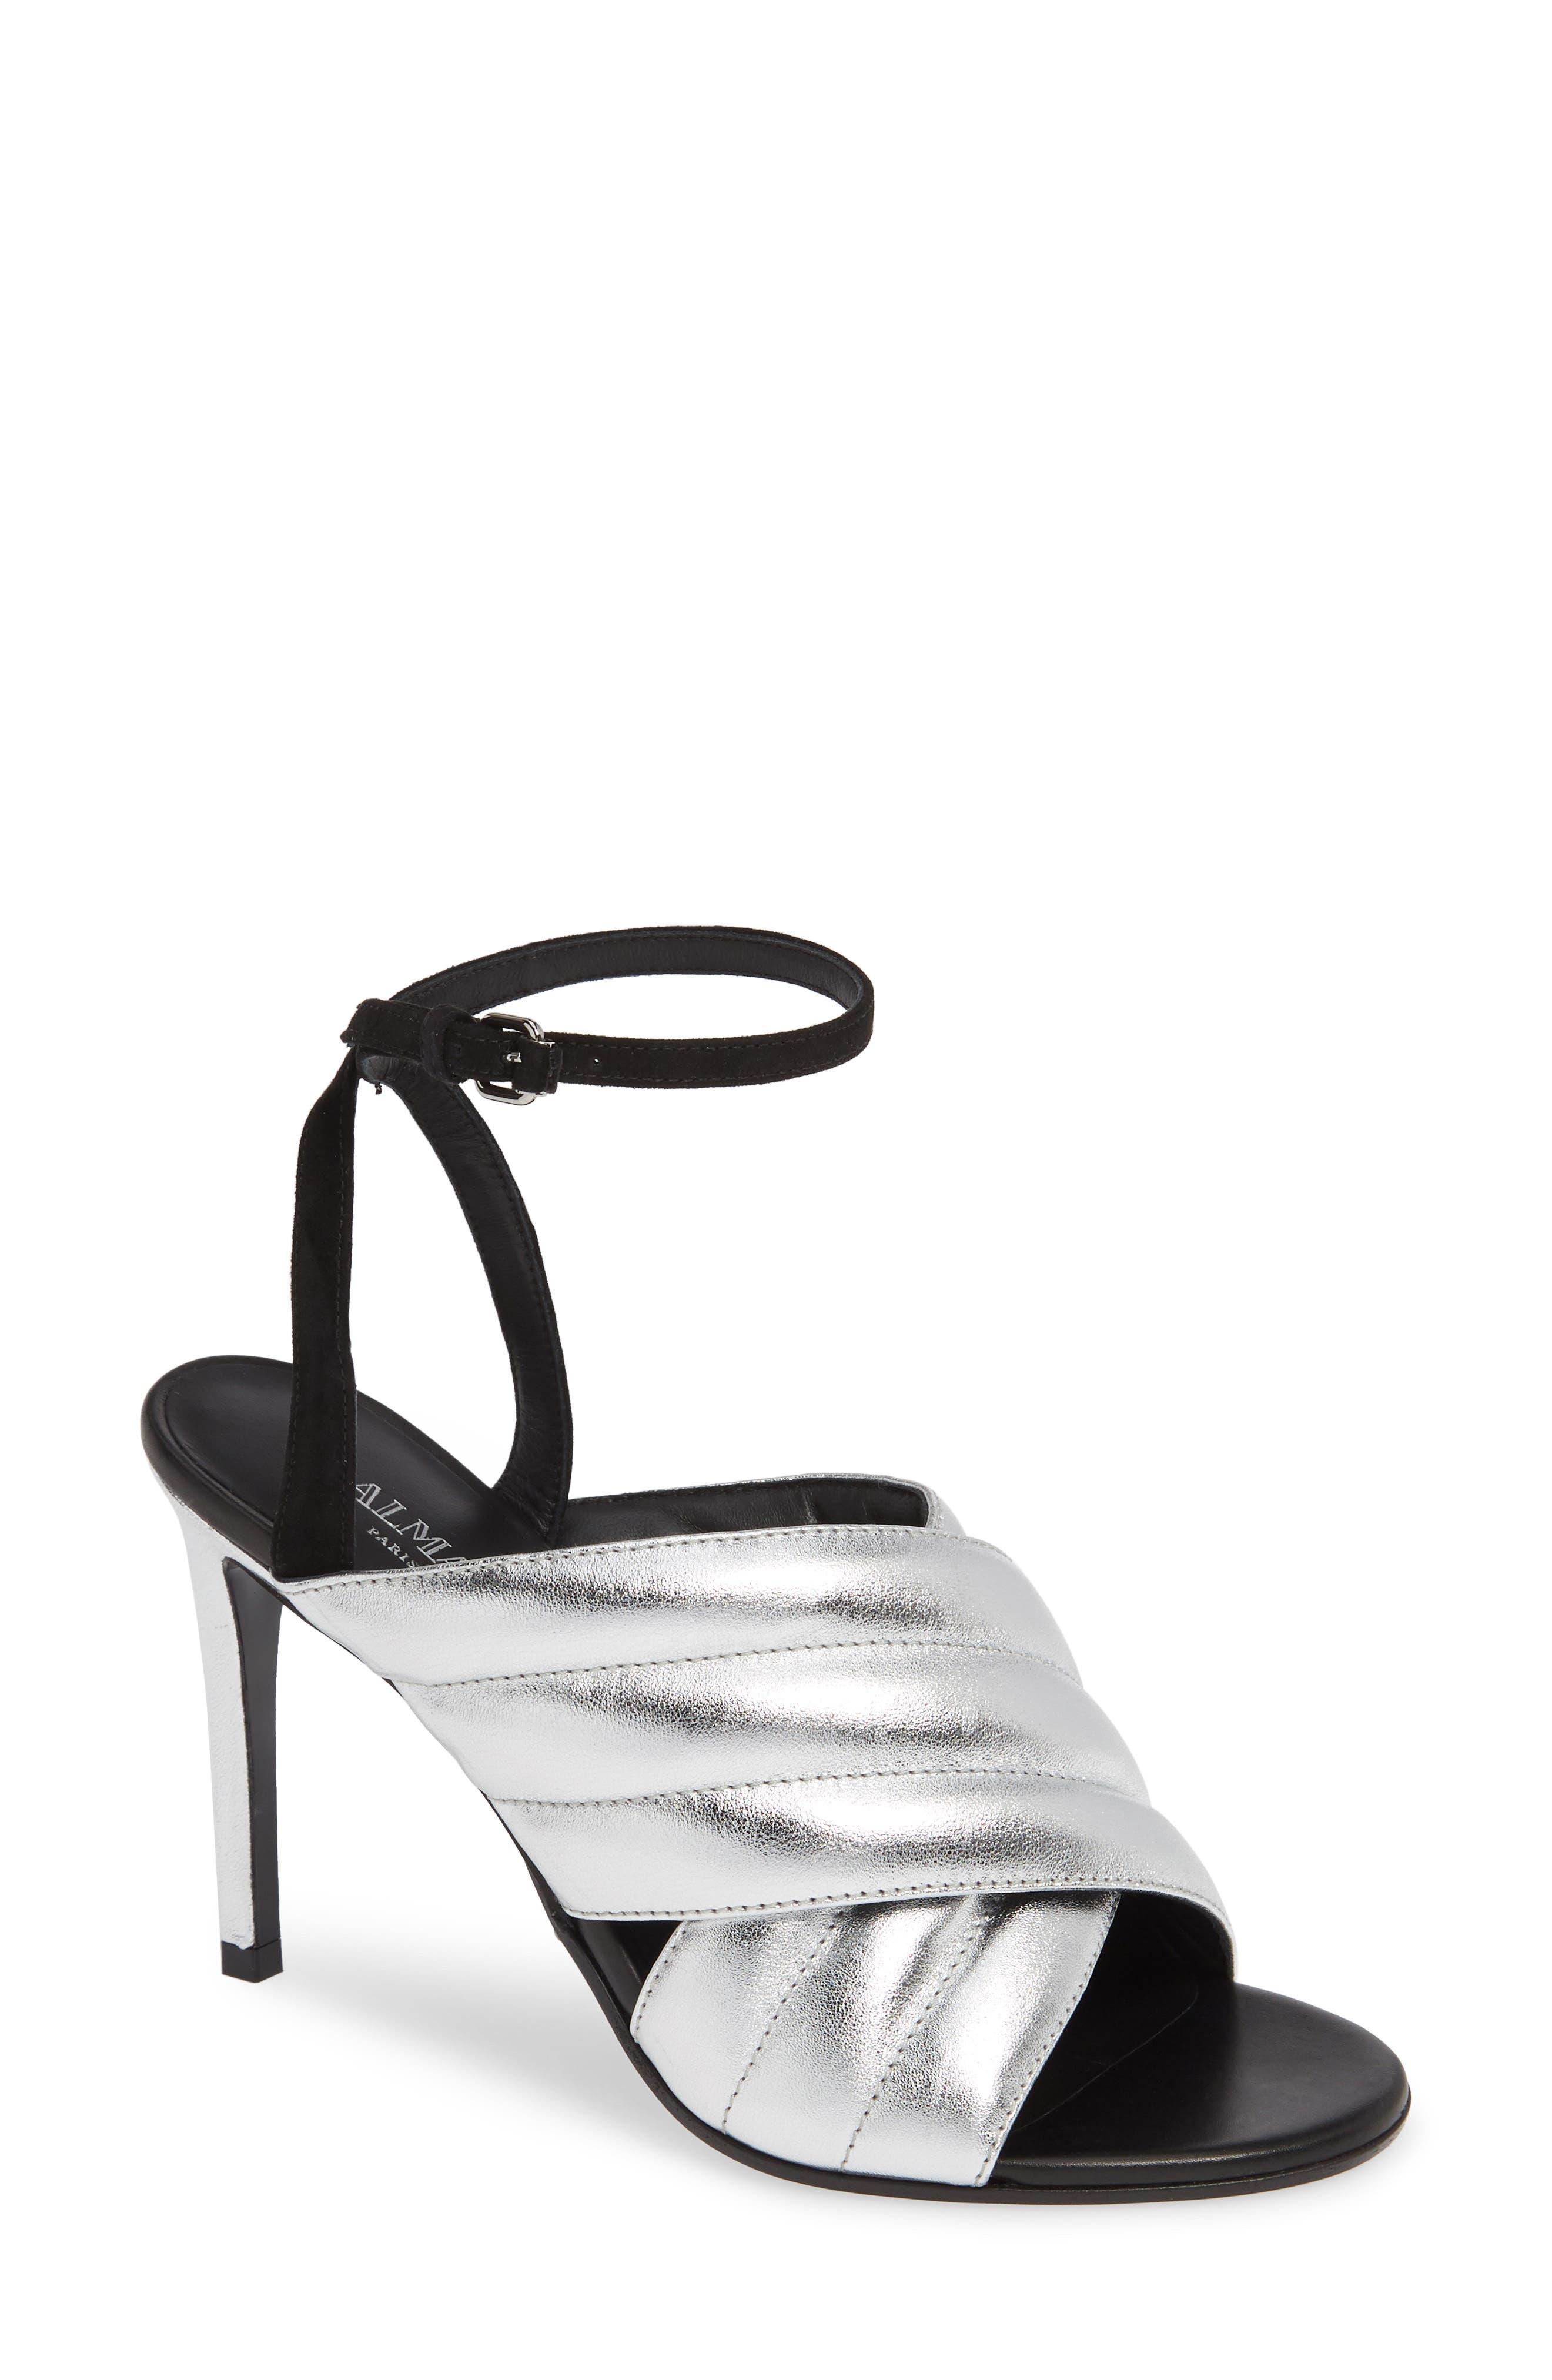 Balmain Janel Quilted Sandal, Metallic